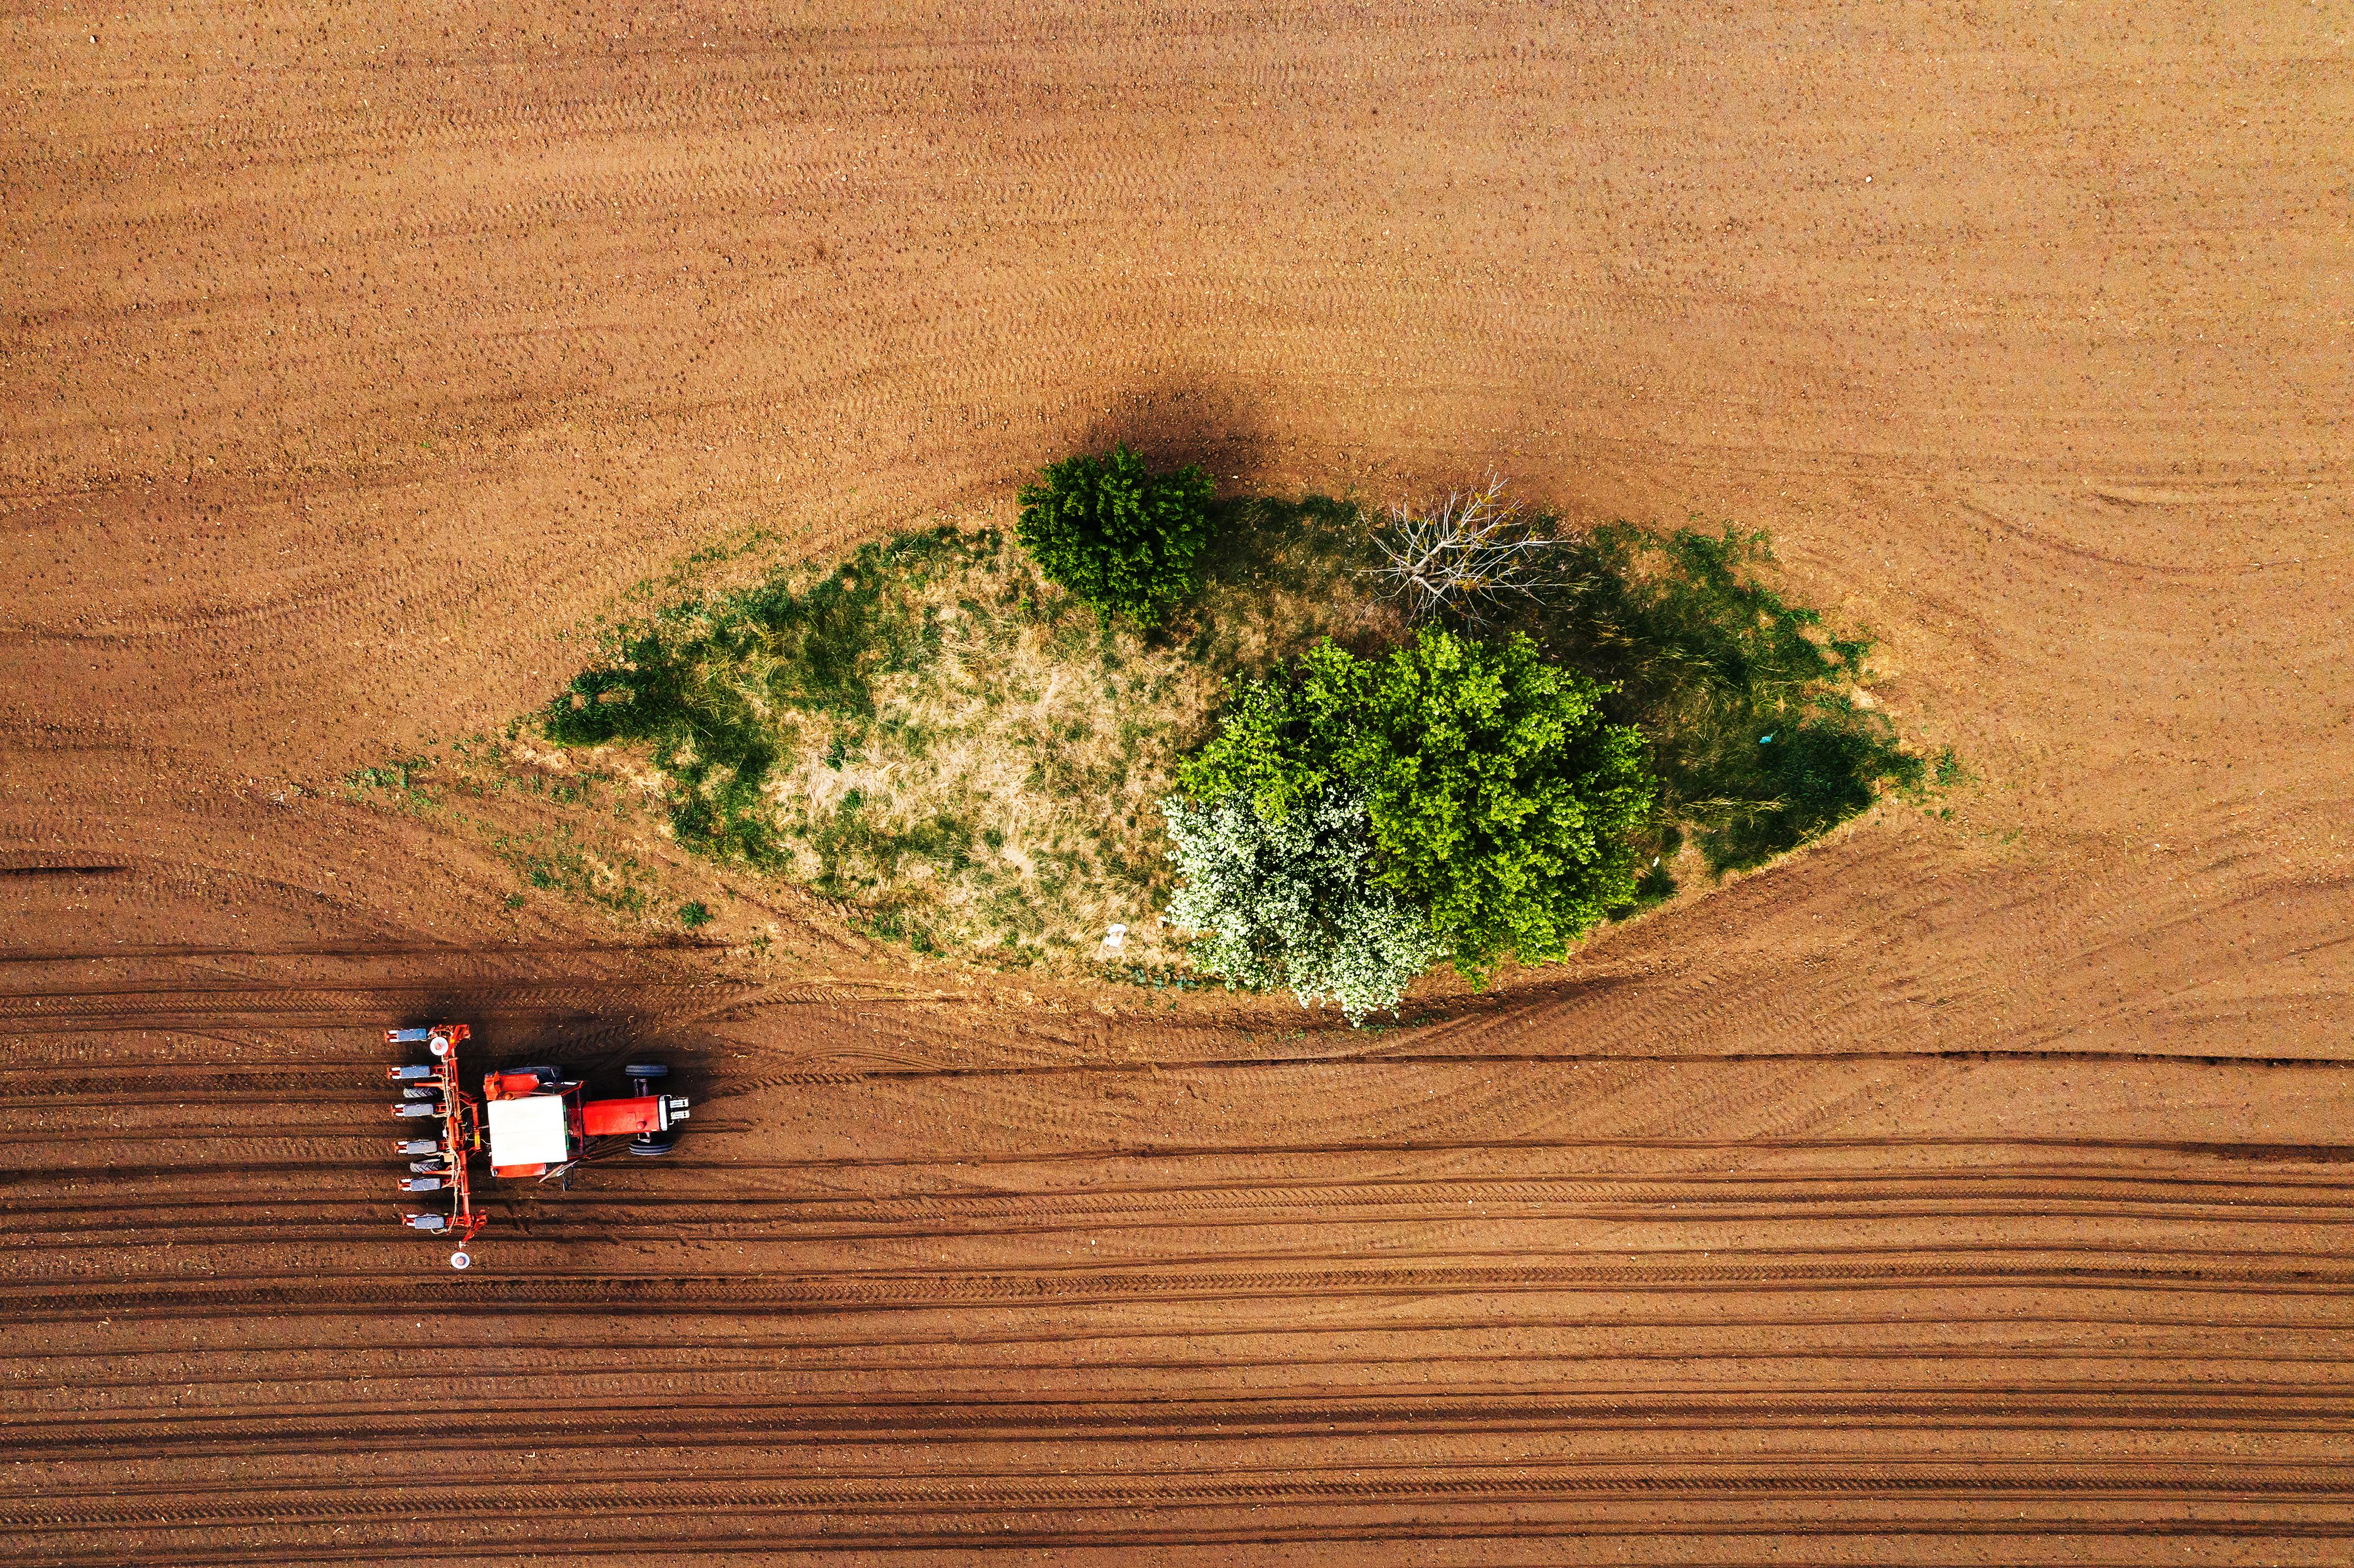 Retrocessos na política ambiental brasileira são precedidos de diminuição na transparência e participação social do setor